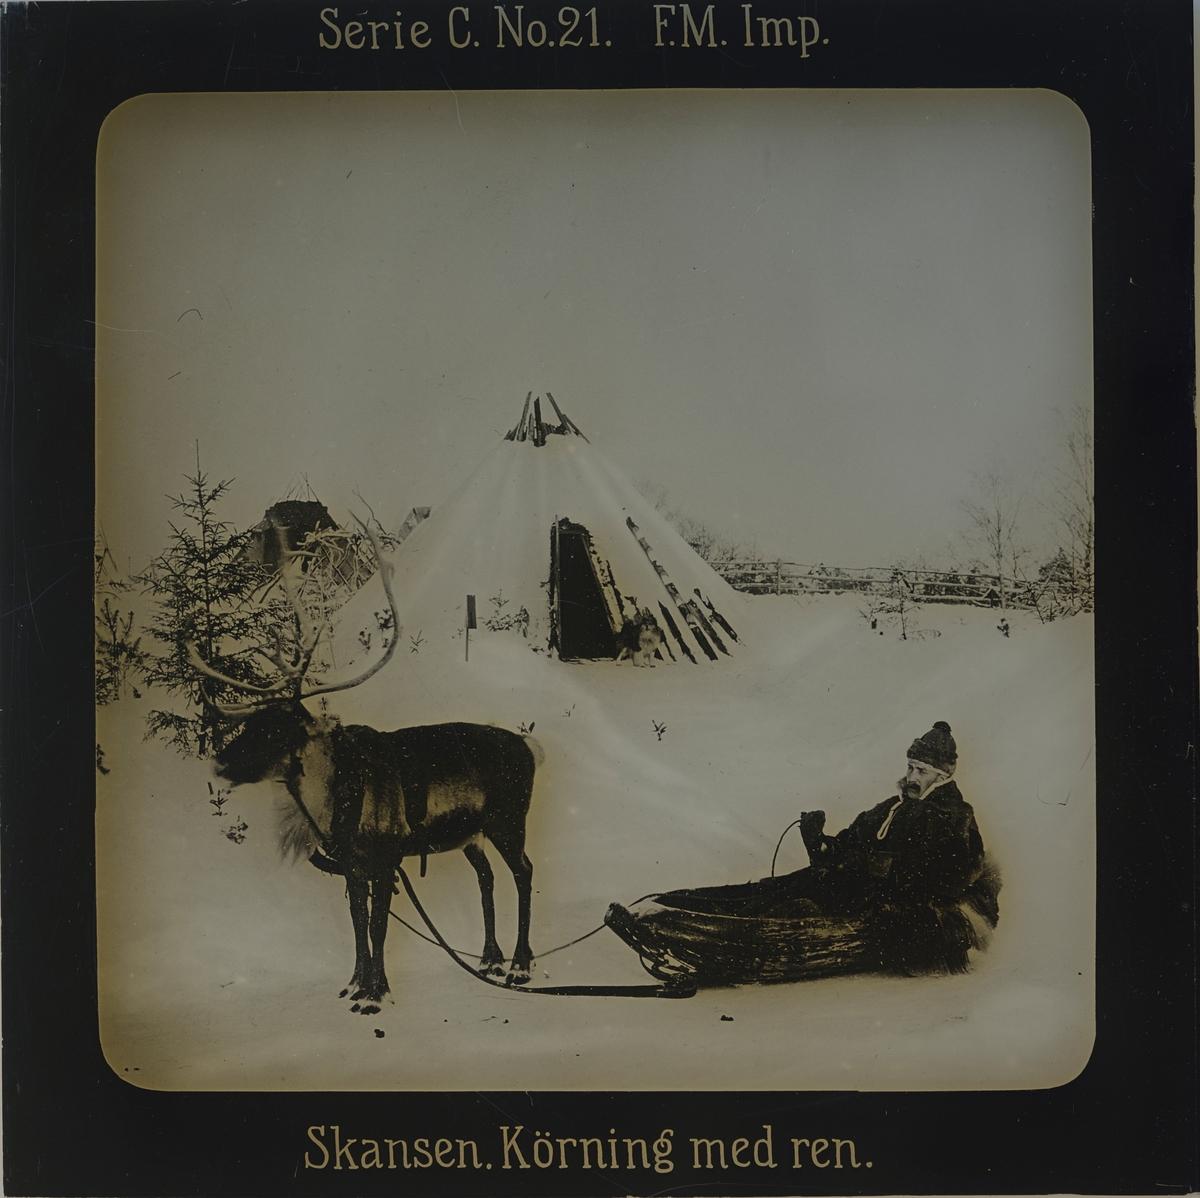 Samevistet, vinterbild. I förgrunden ren, ackja och en man iklädd samisk dräkt. I bakgrunden kåtor.